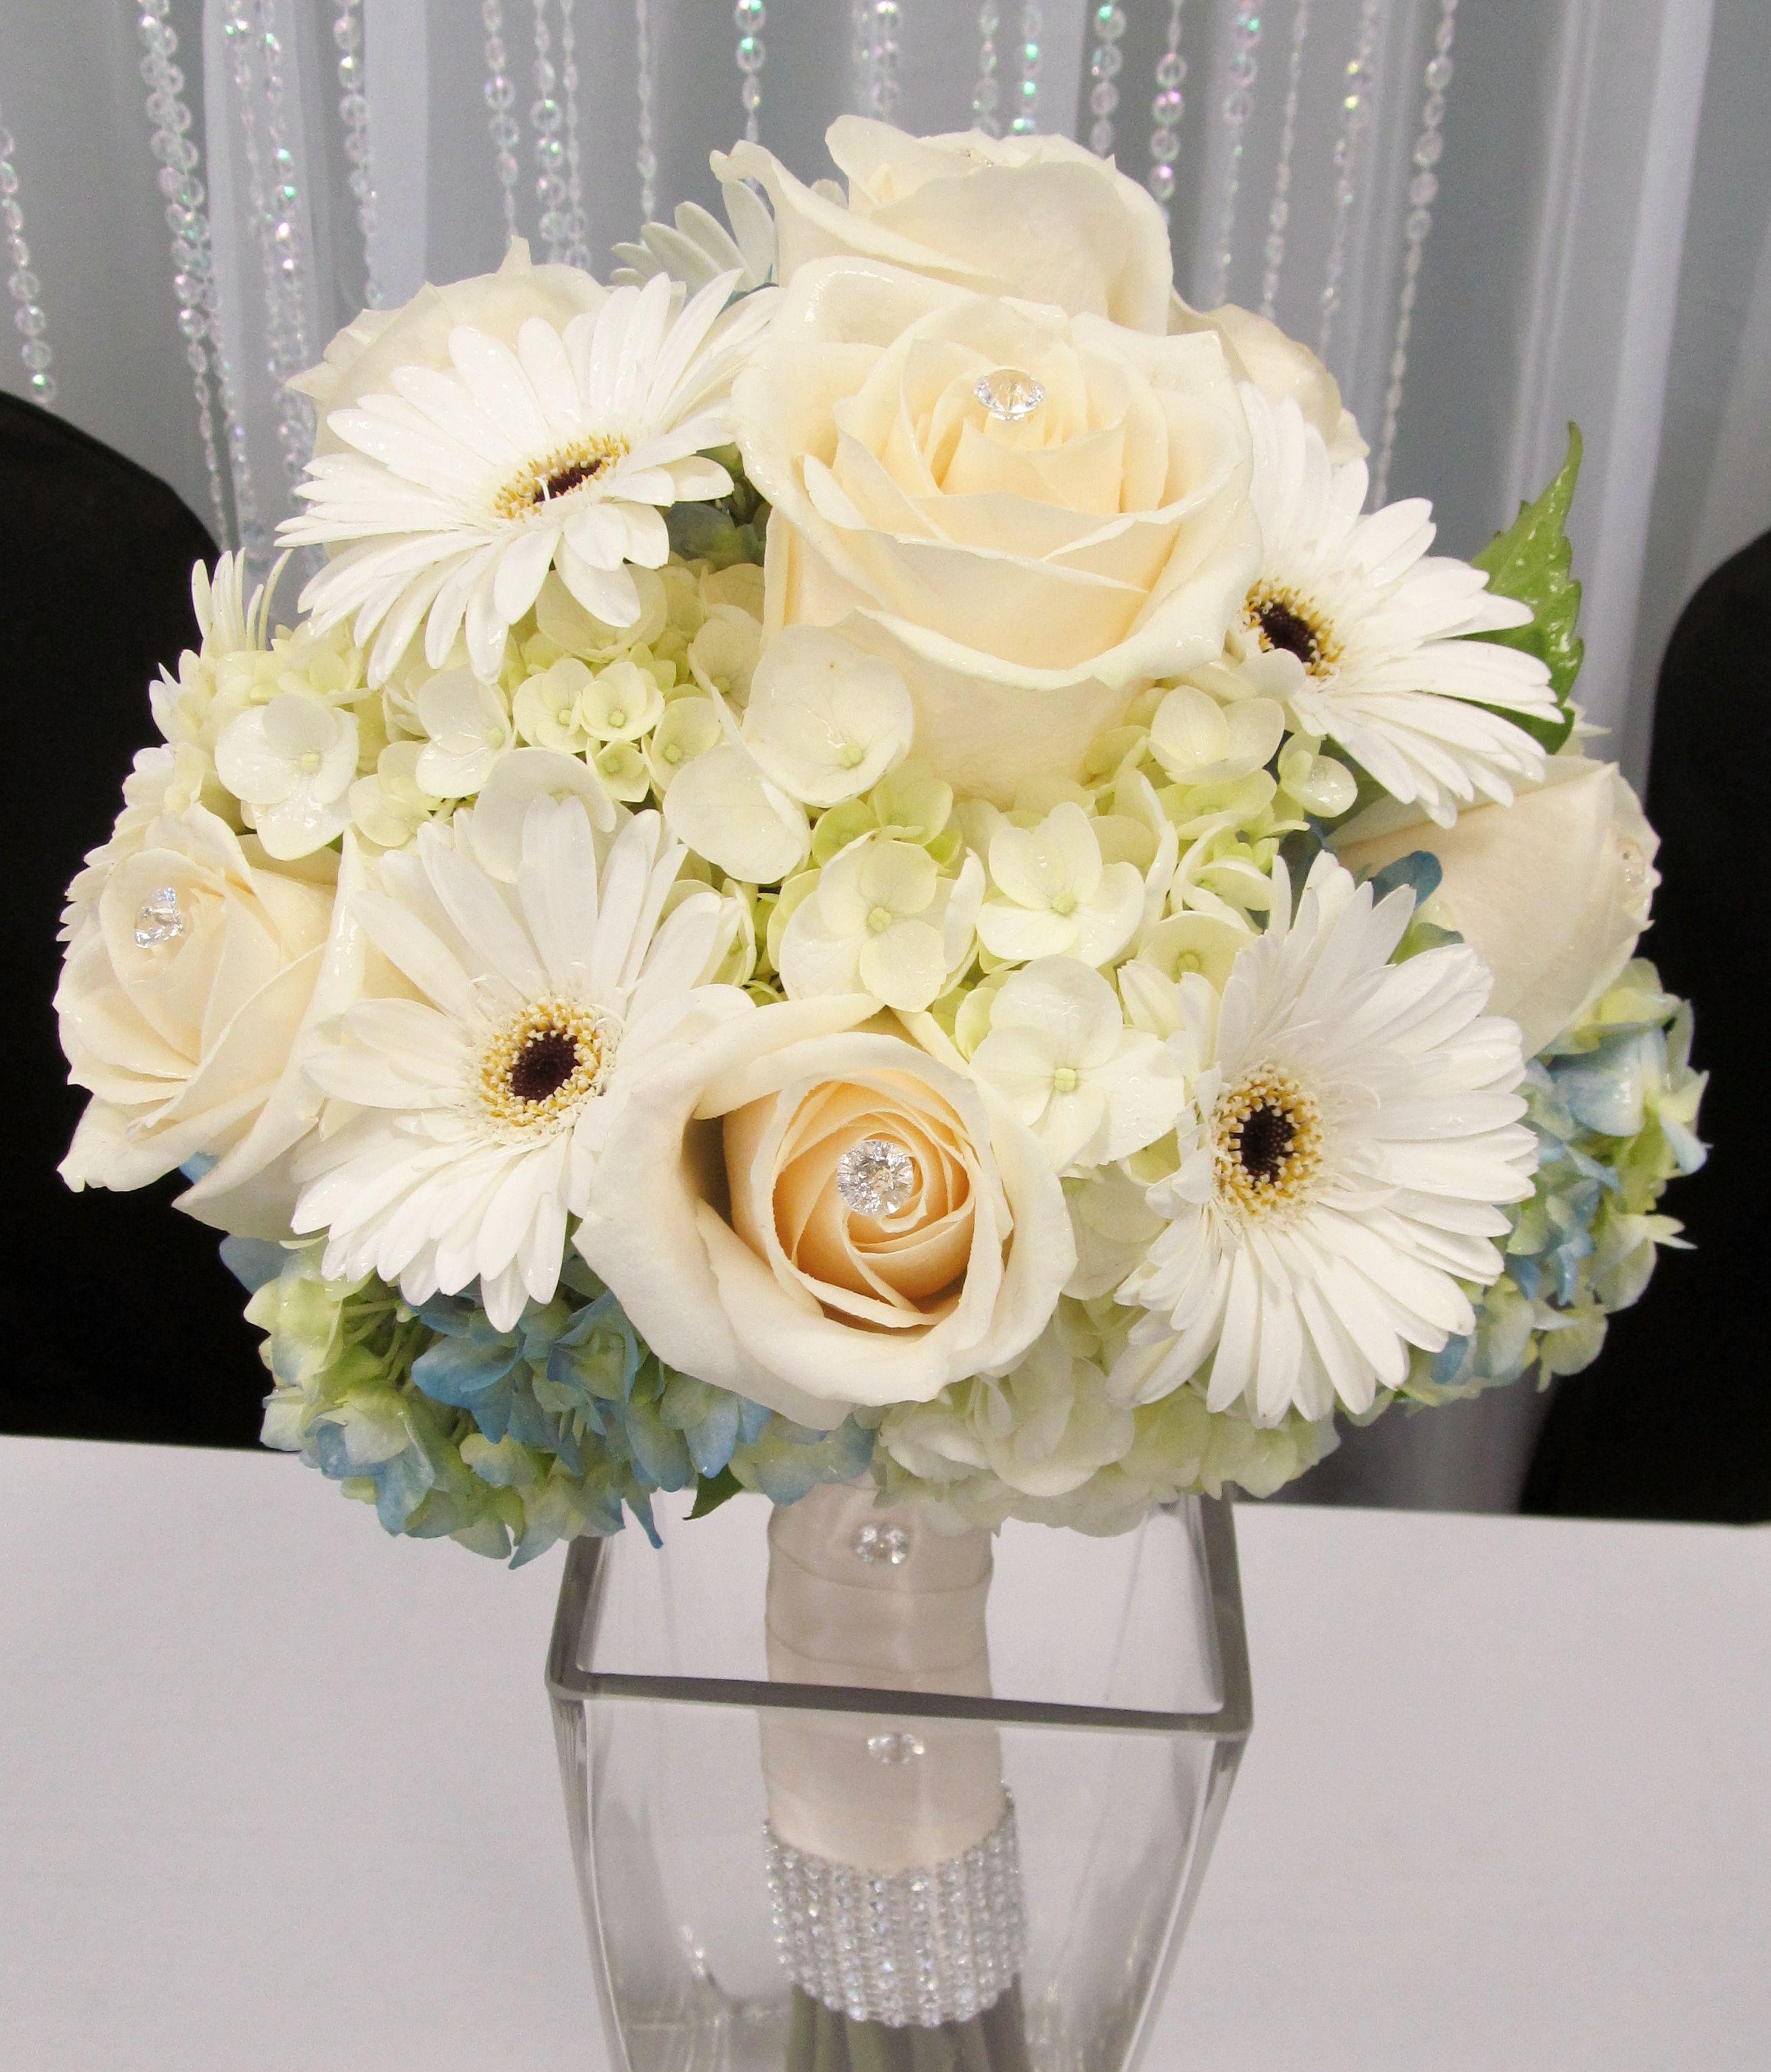 Hydrangea, gerbera daisy and roses.